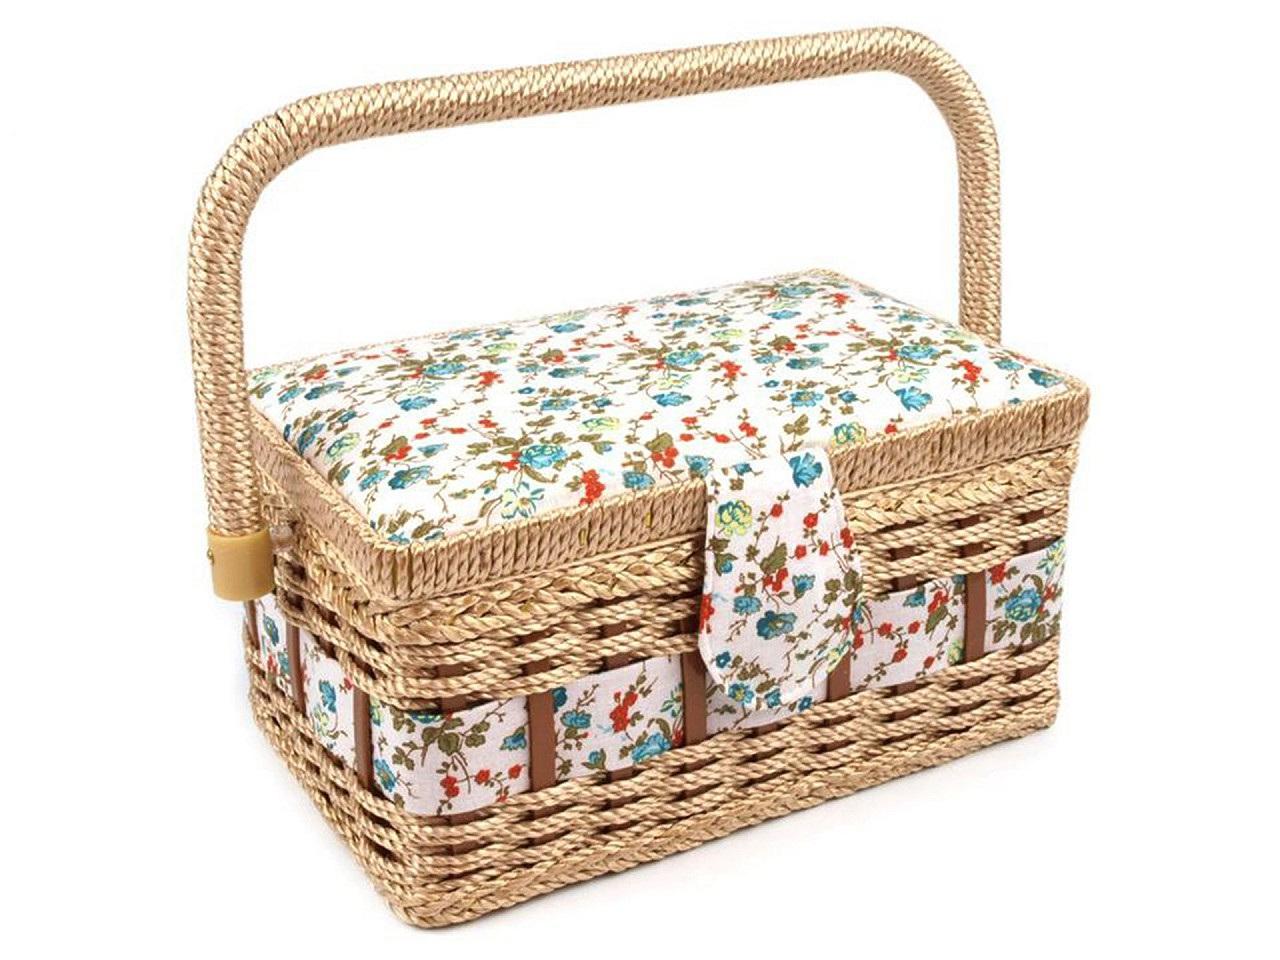 Kazeta / košík na šití čalouněný, barva 2 bílá